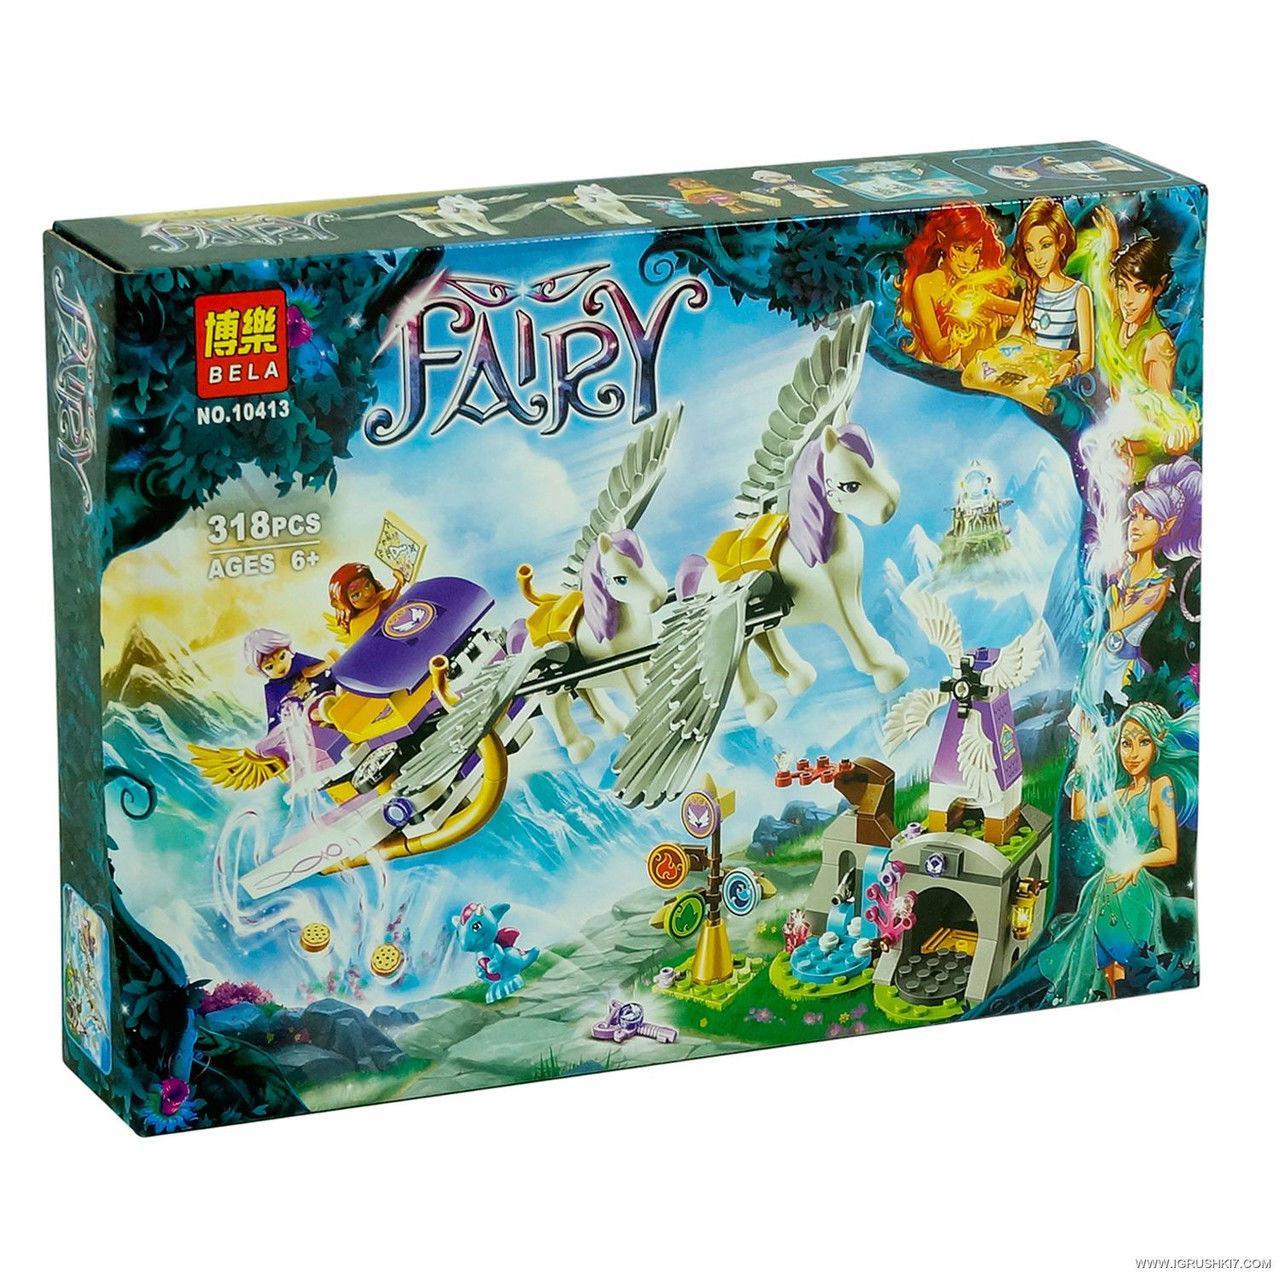 Конструктор Bela Fairy 10413 Літаючі сани Ейри 318 деталей